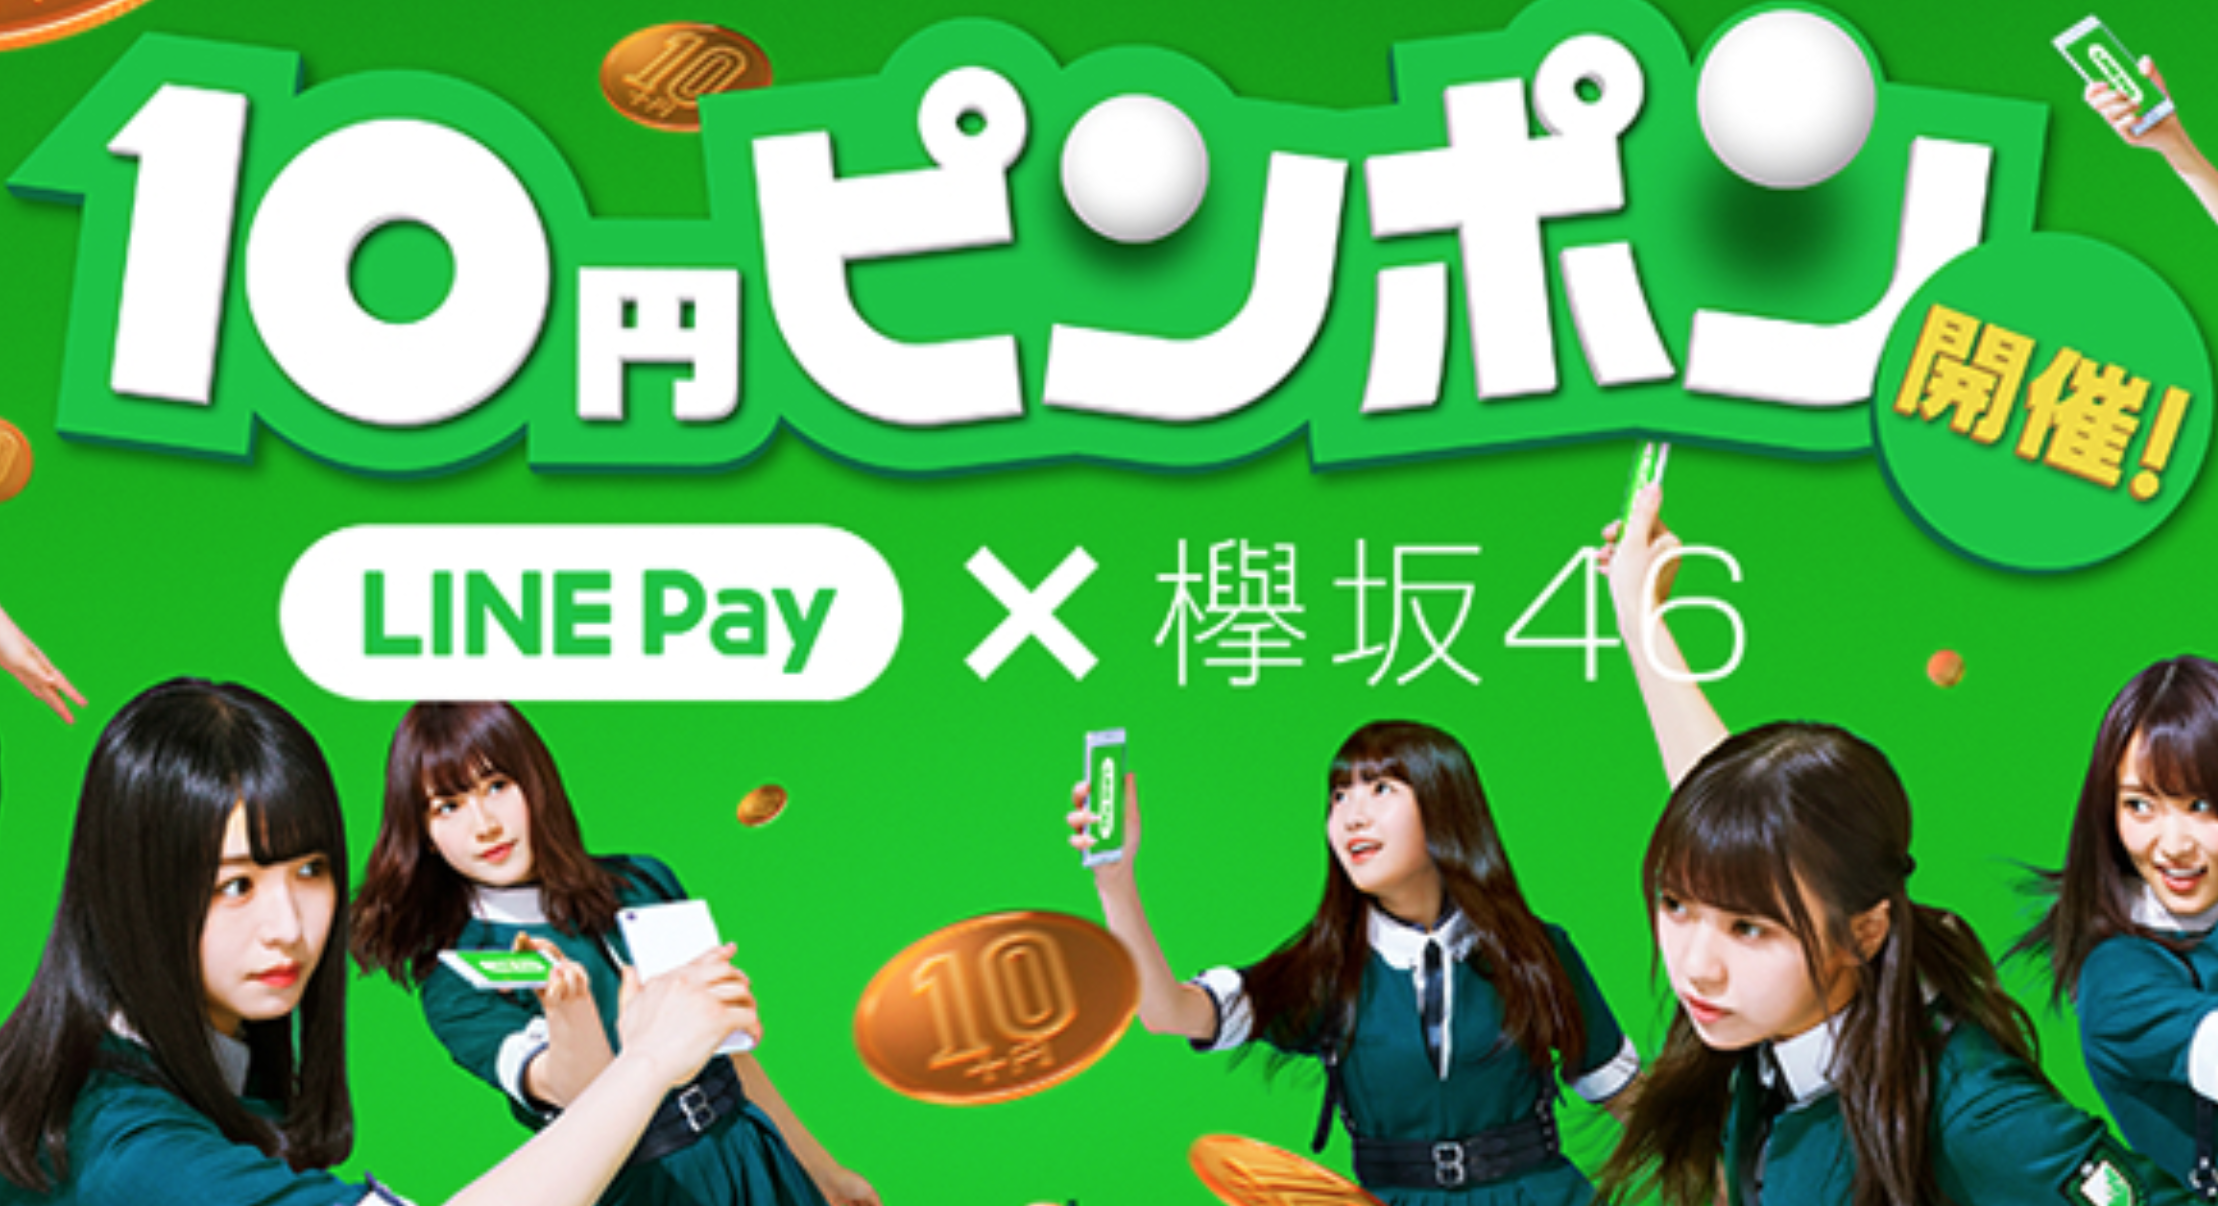 LINEで友だちに10円を送るだけで商品がもらえる「10円ピンポン」!欅坂46のライブチケットも当たるかも!?